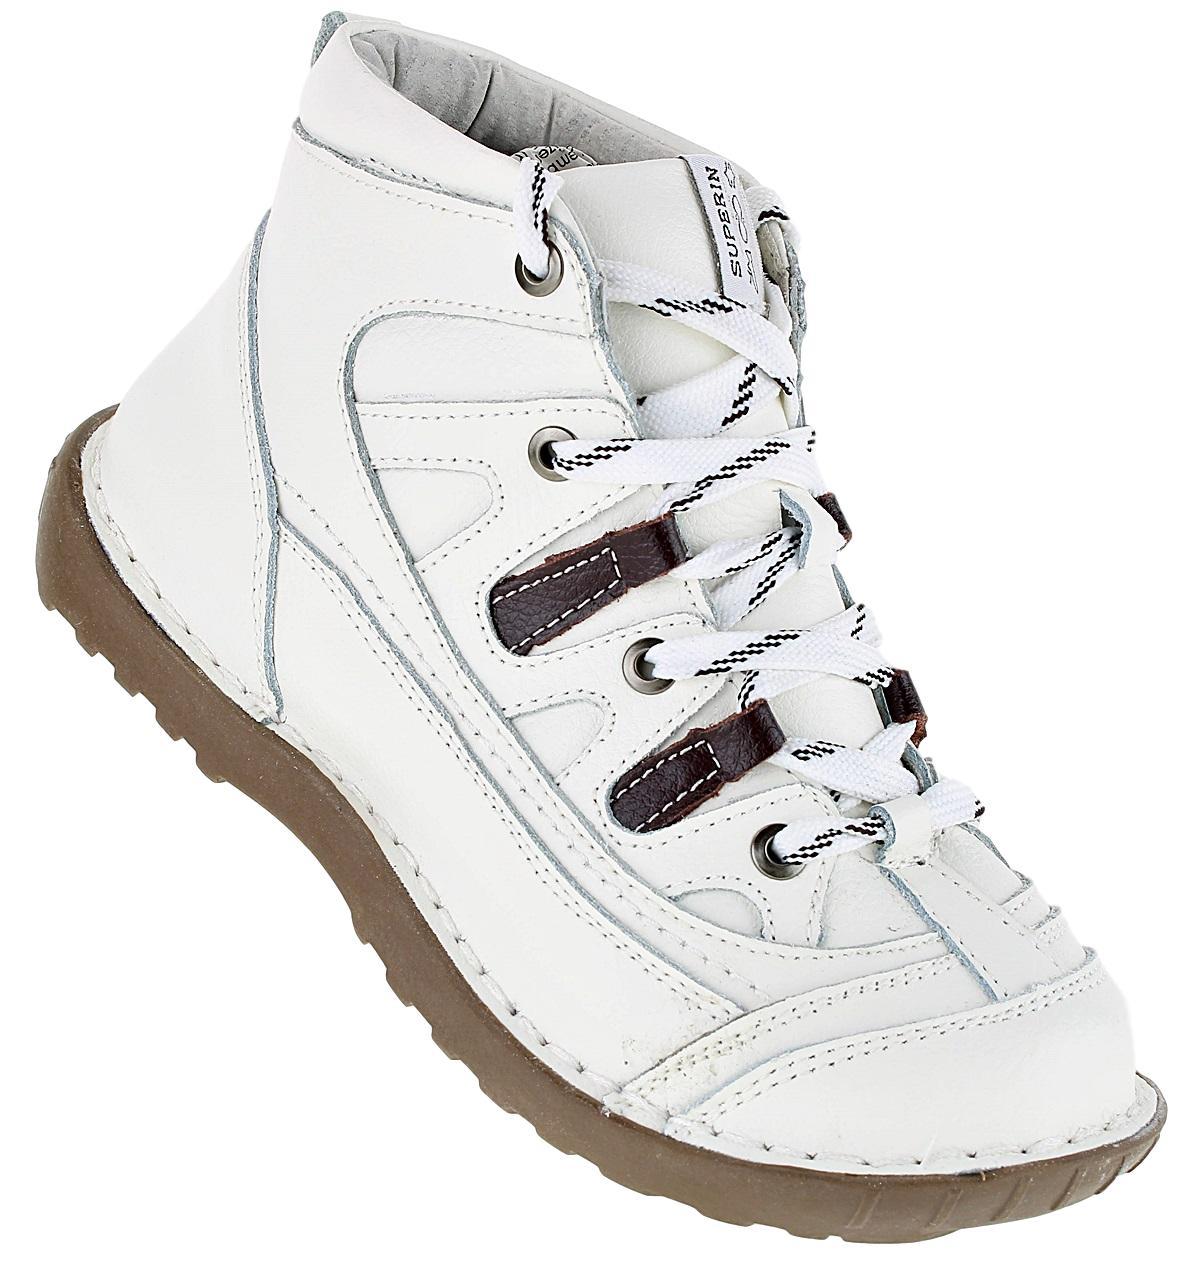 Art 116 Sneaker Schuhe Slipper Schnürer Boots Neu Herren